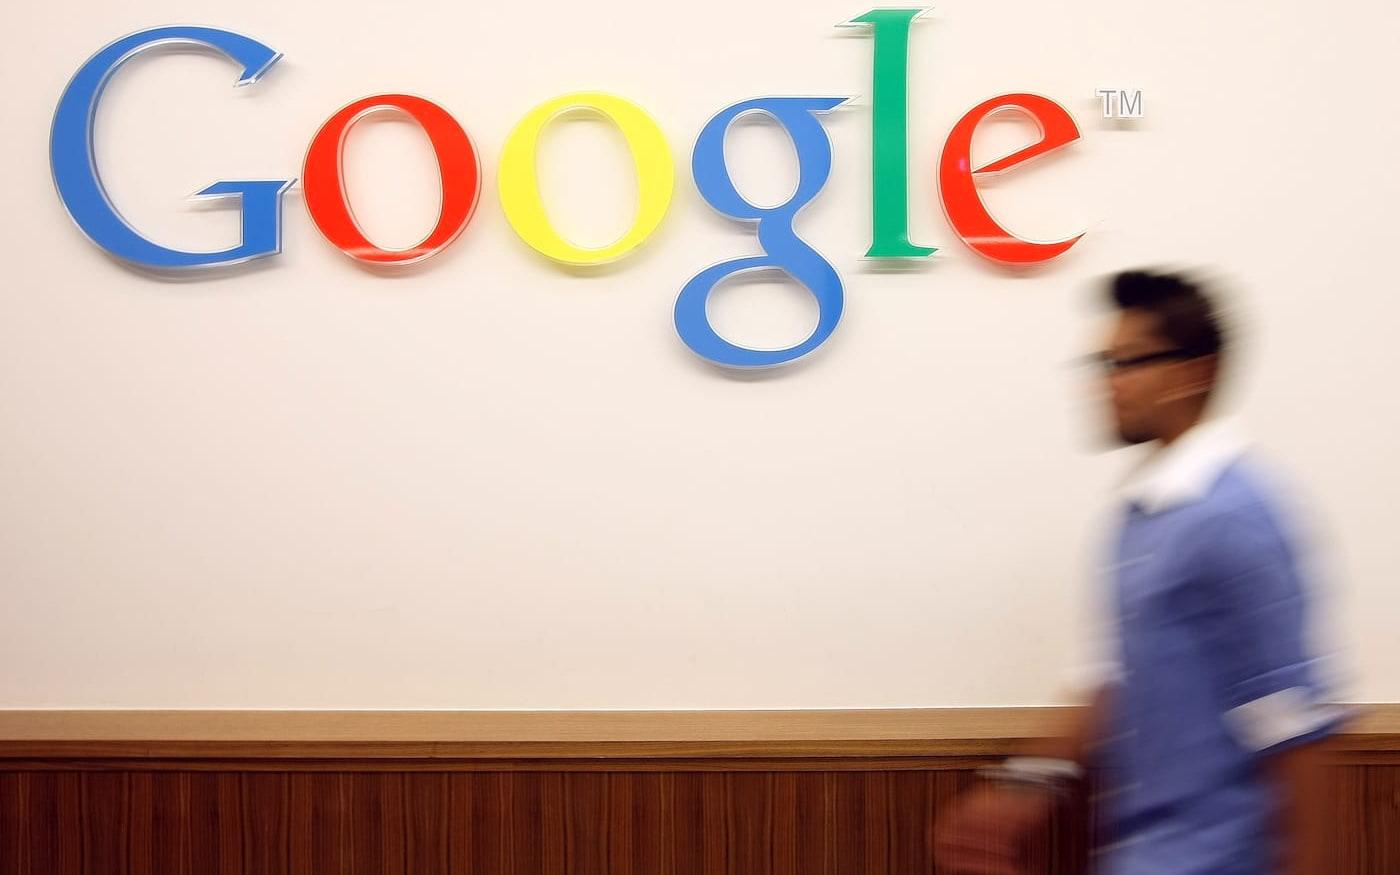 Google paga multa de 550 milhões ao governo frânces por sonegação fiscal